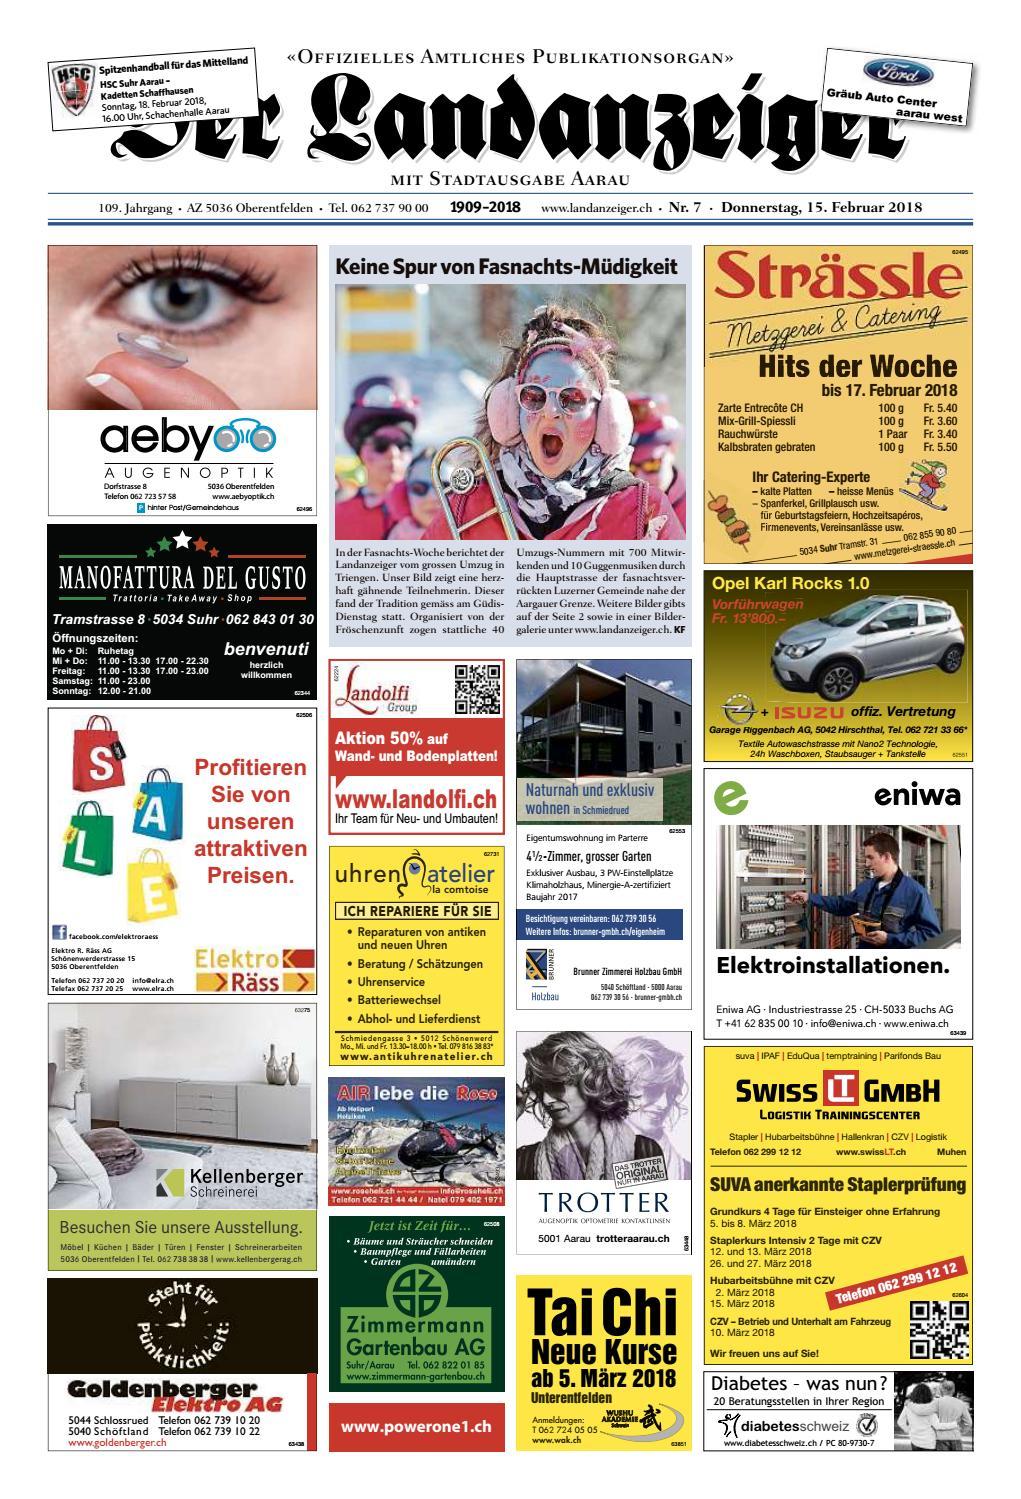 Der landanzeiger 07 18 by zt medien ag issuu